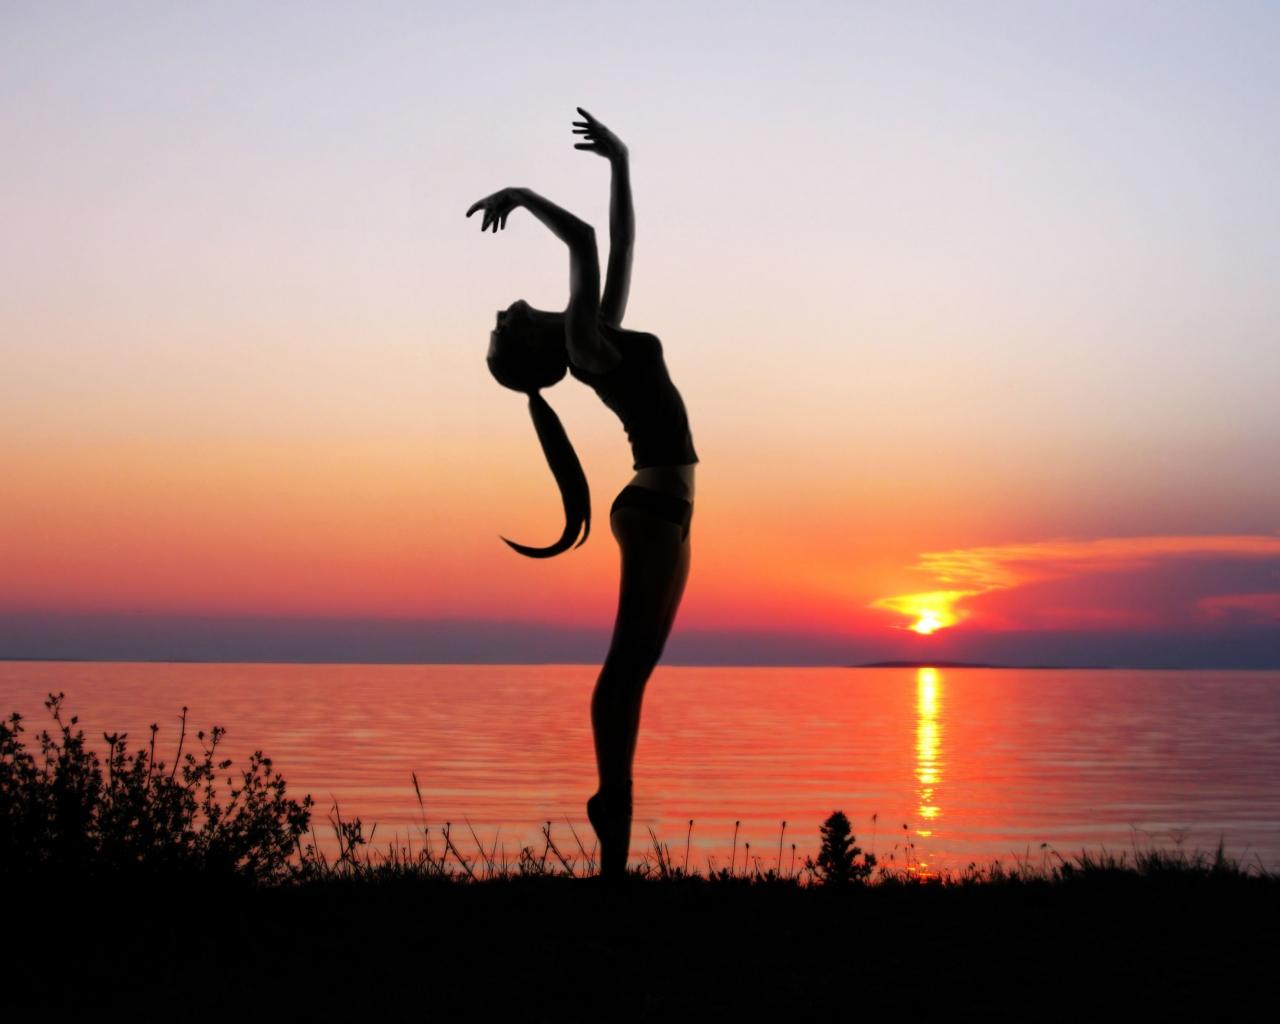 Ejercicios de Yoga - 1280x1024